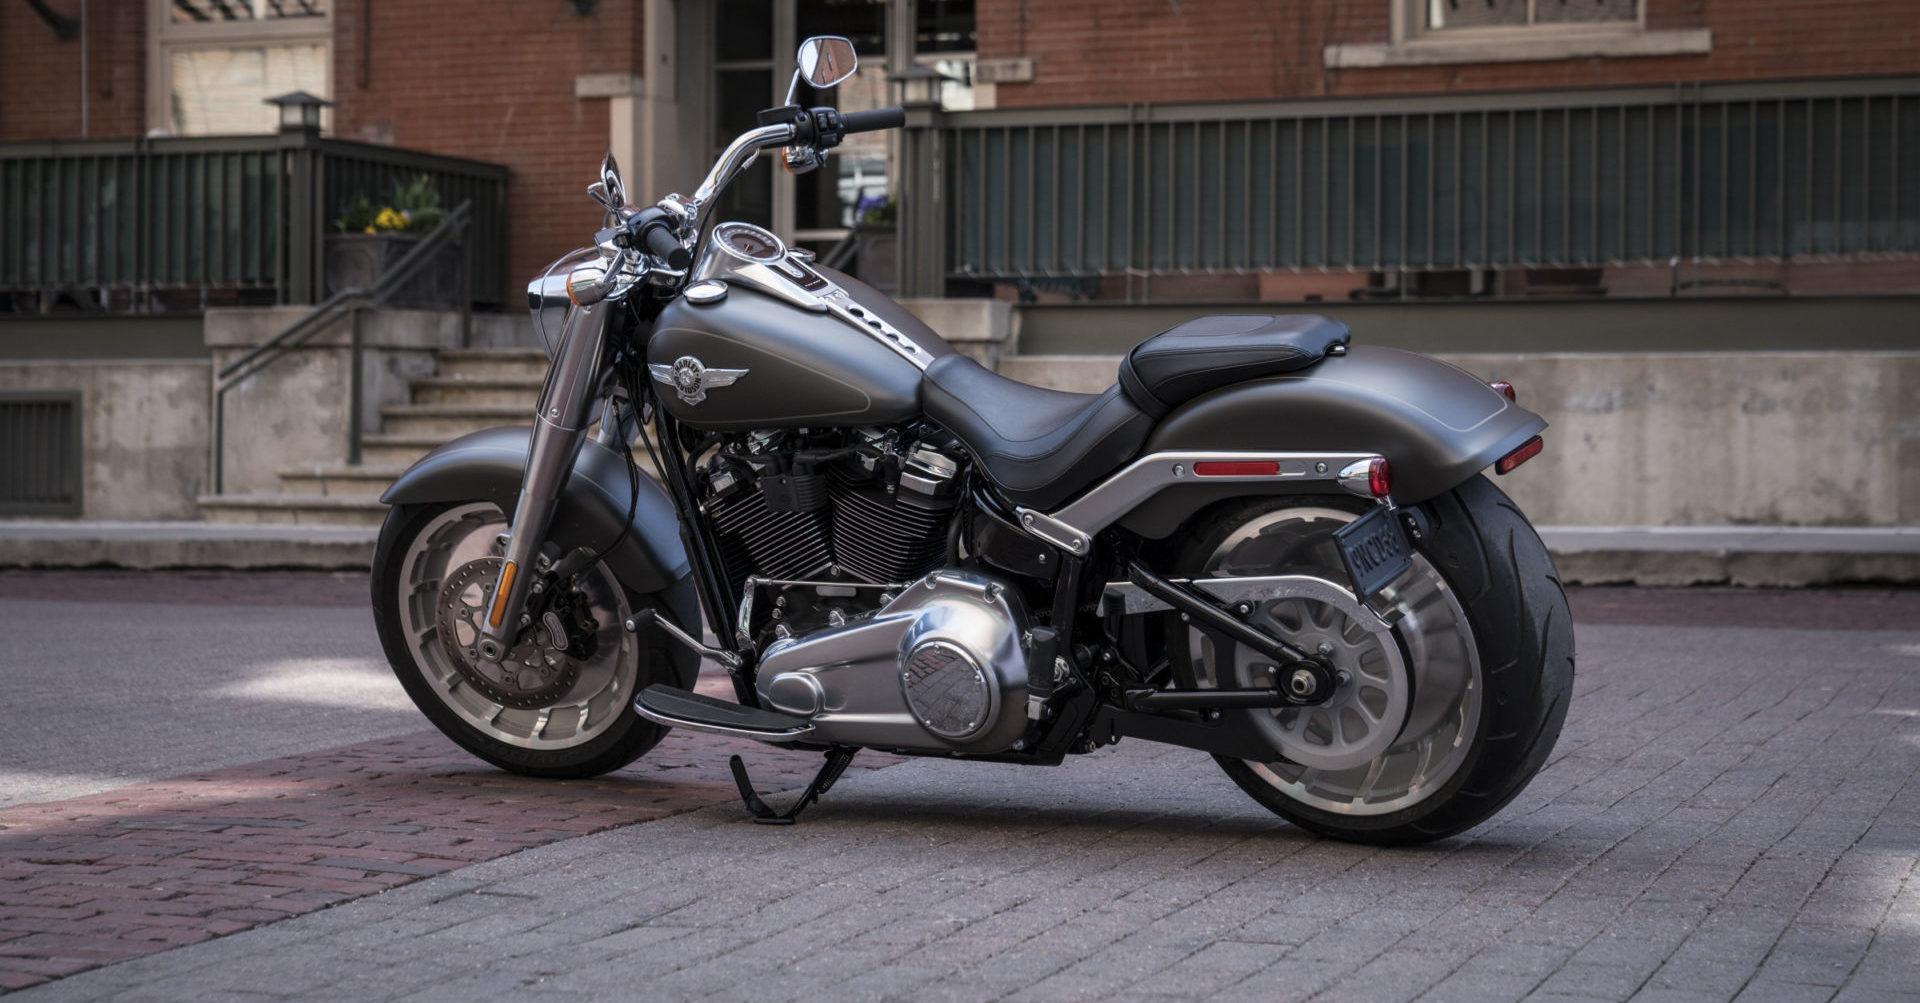 A Harley-Davidson Fat Boy. Photo courtesy Harley-Davidson.